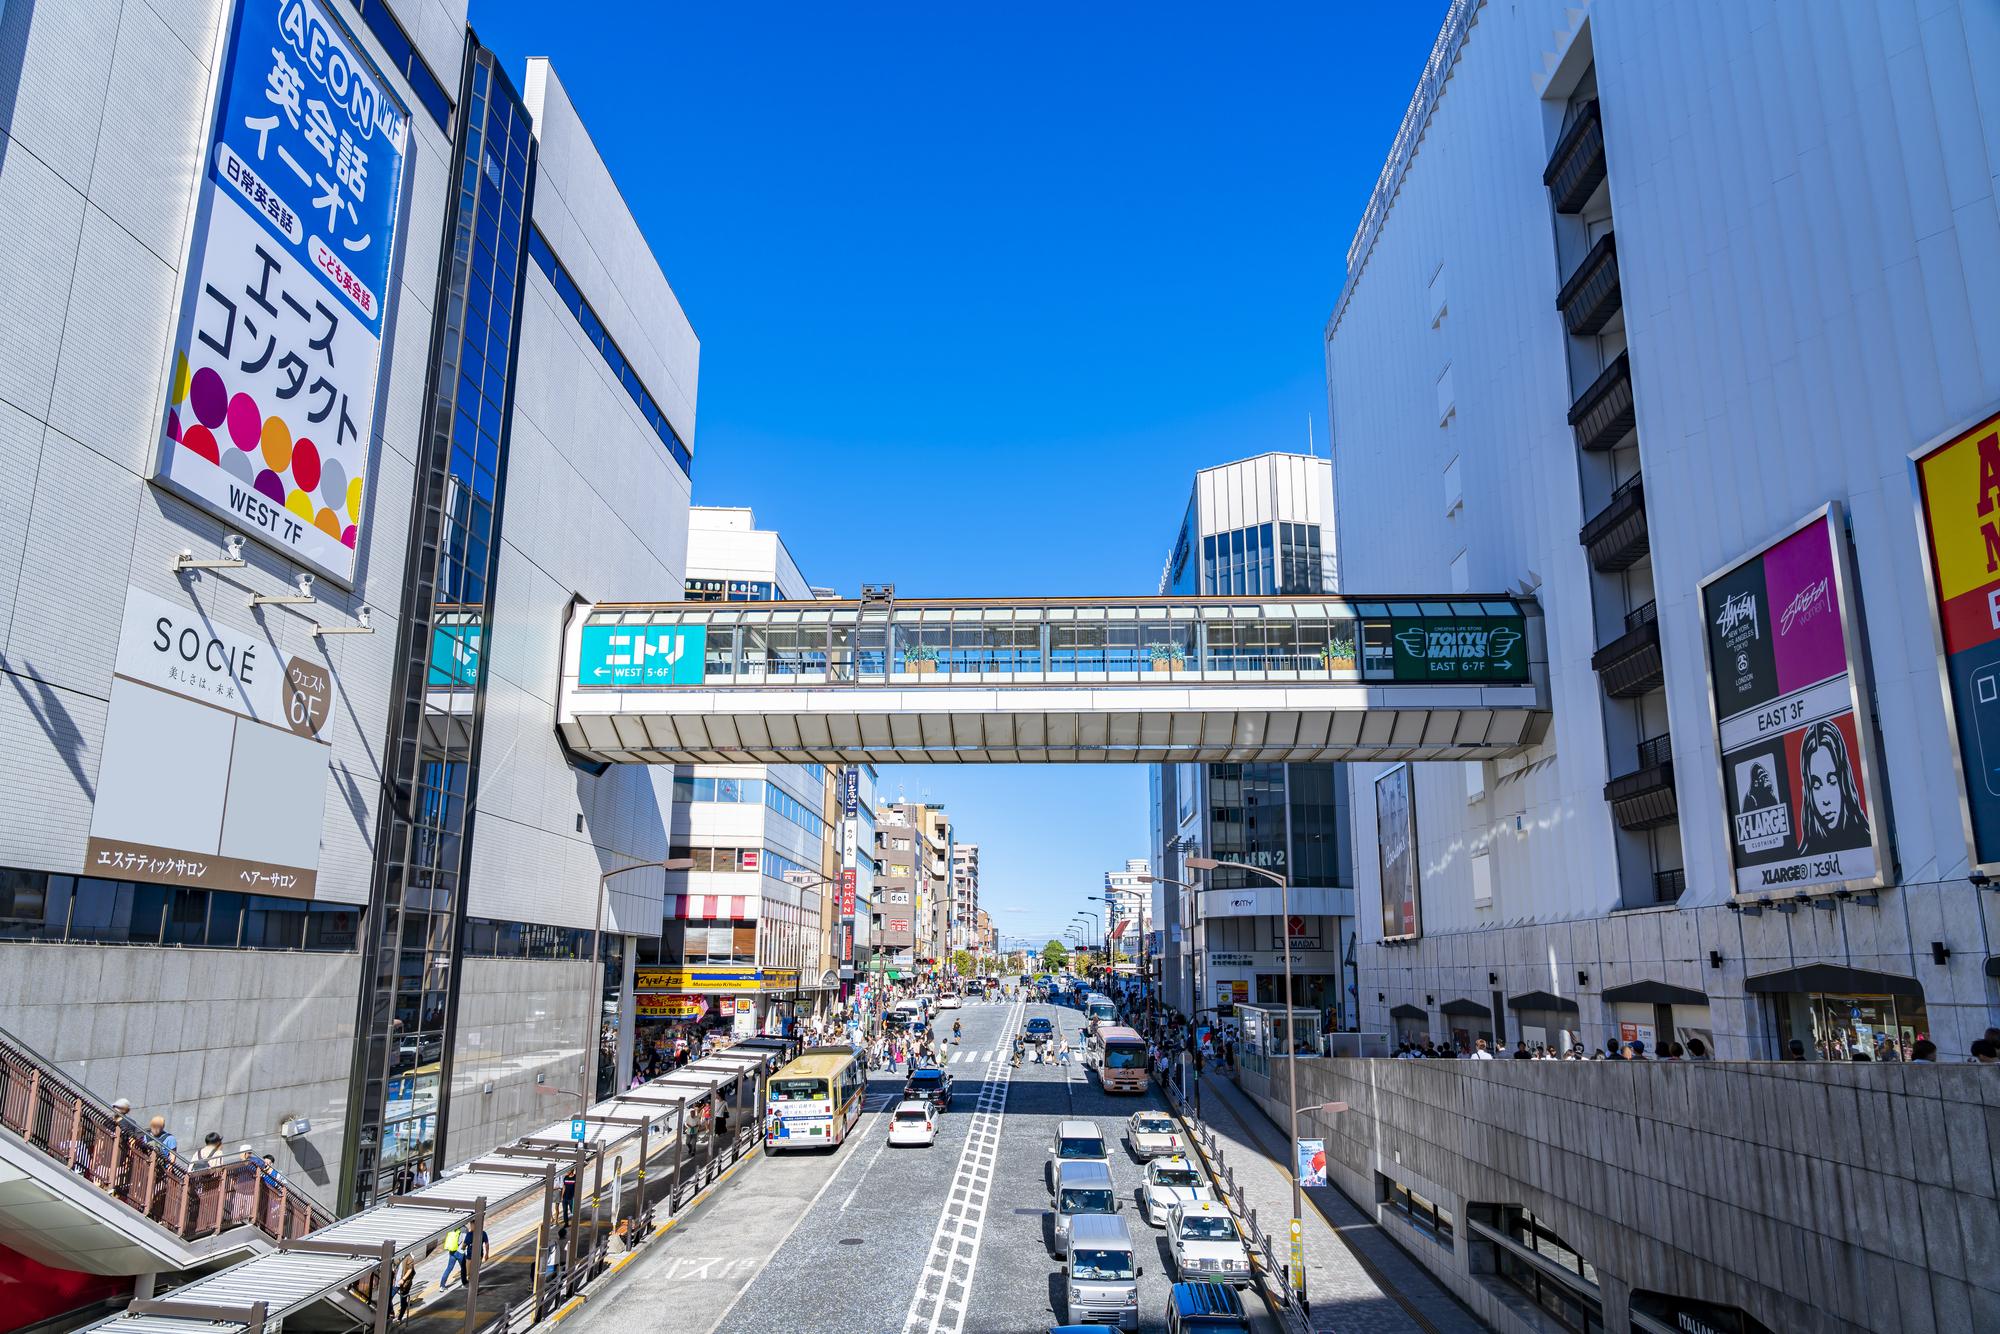 土曜に通院したい方へ!町田駅の歯医者さん、おすすめポイント紹介